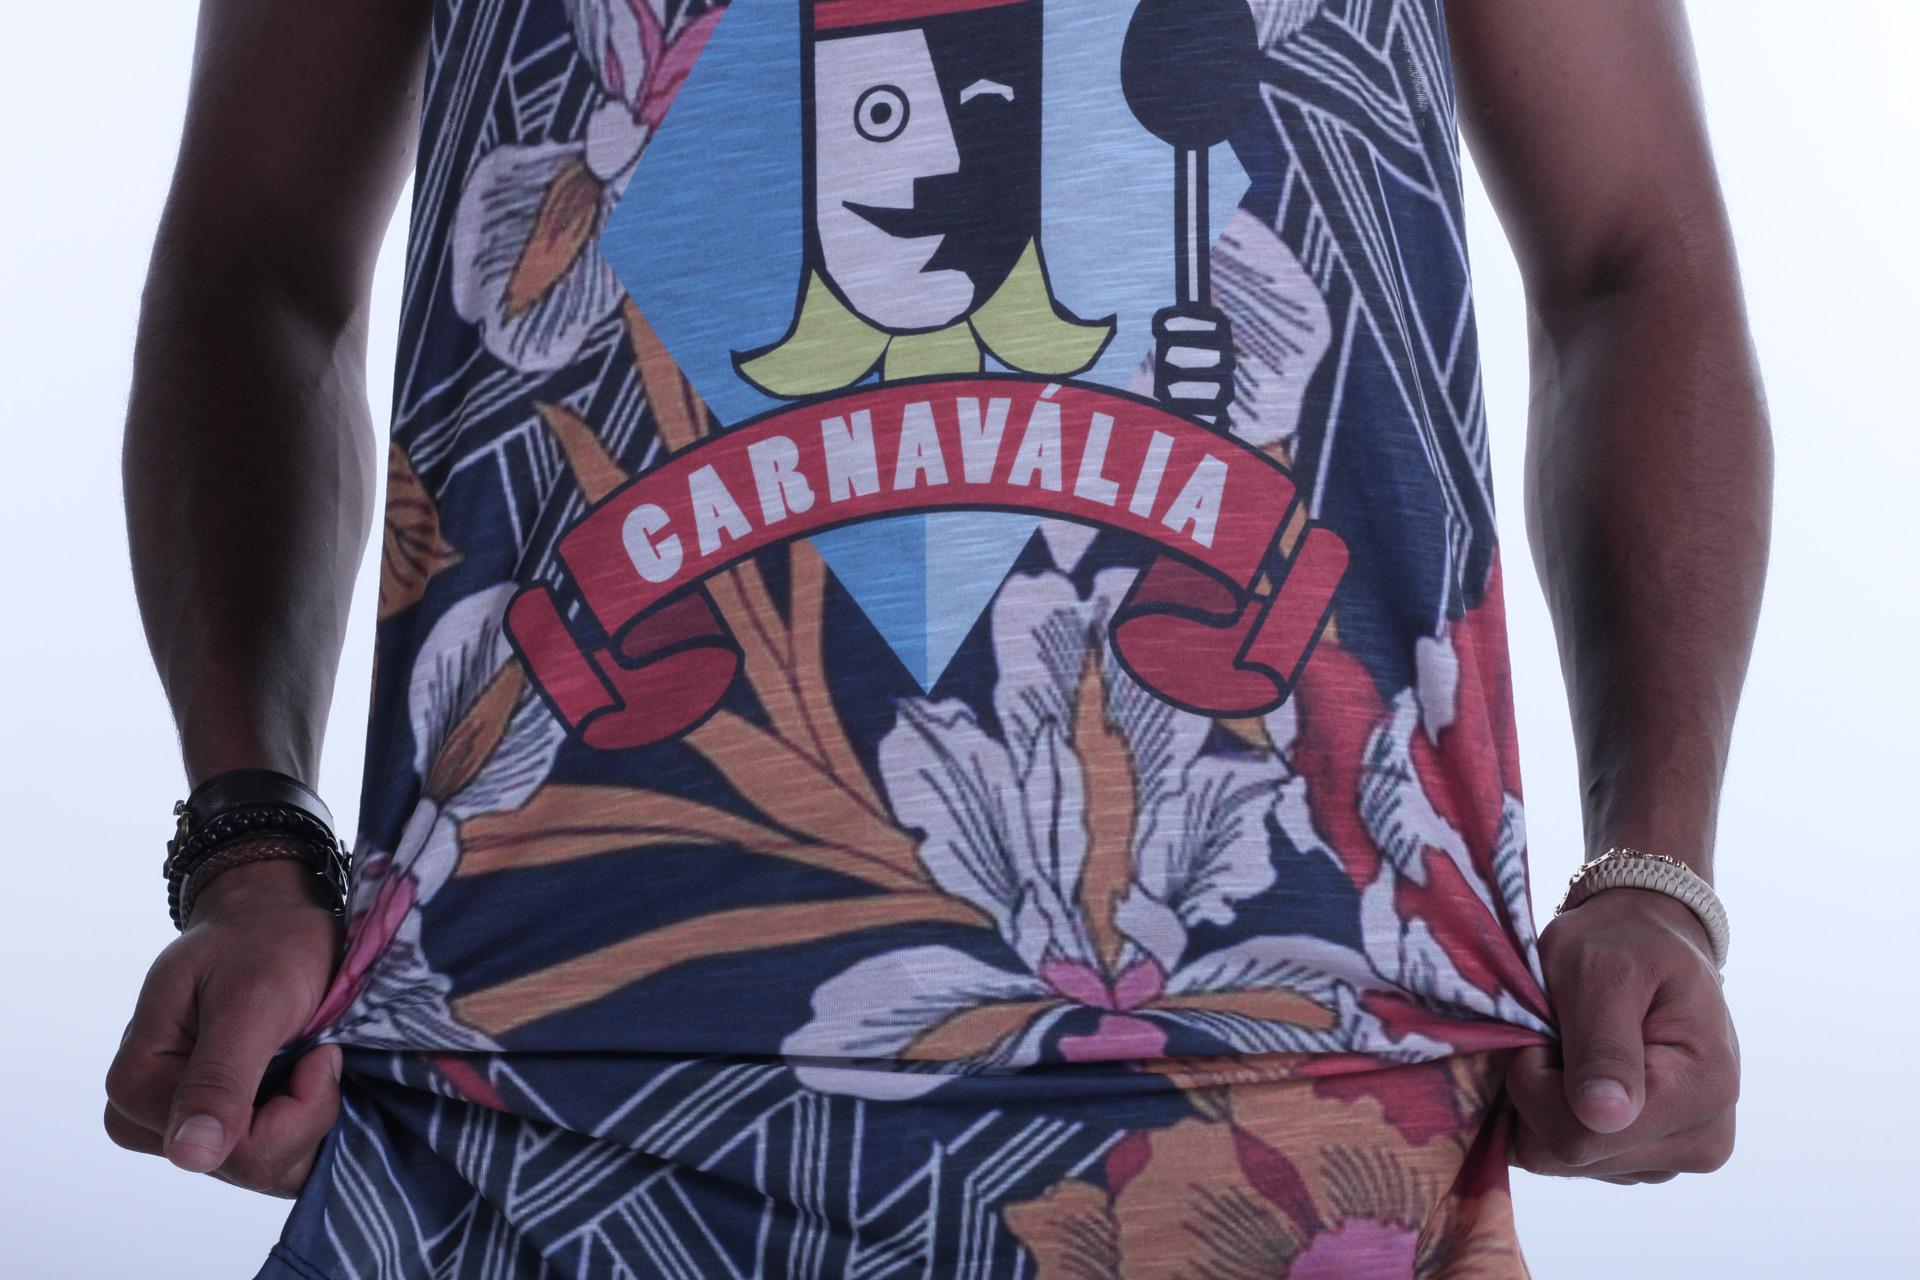 Carnavalia por Carismas Filmes